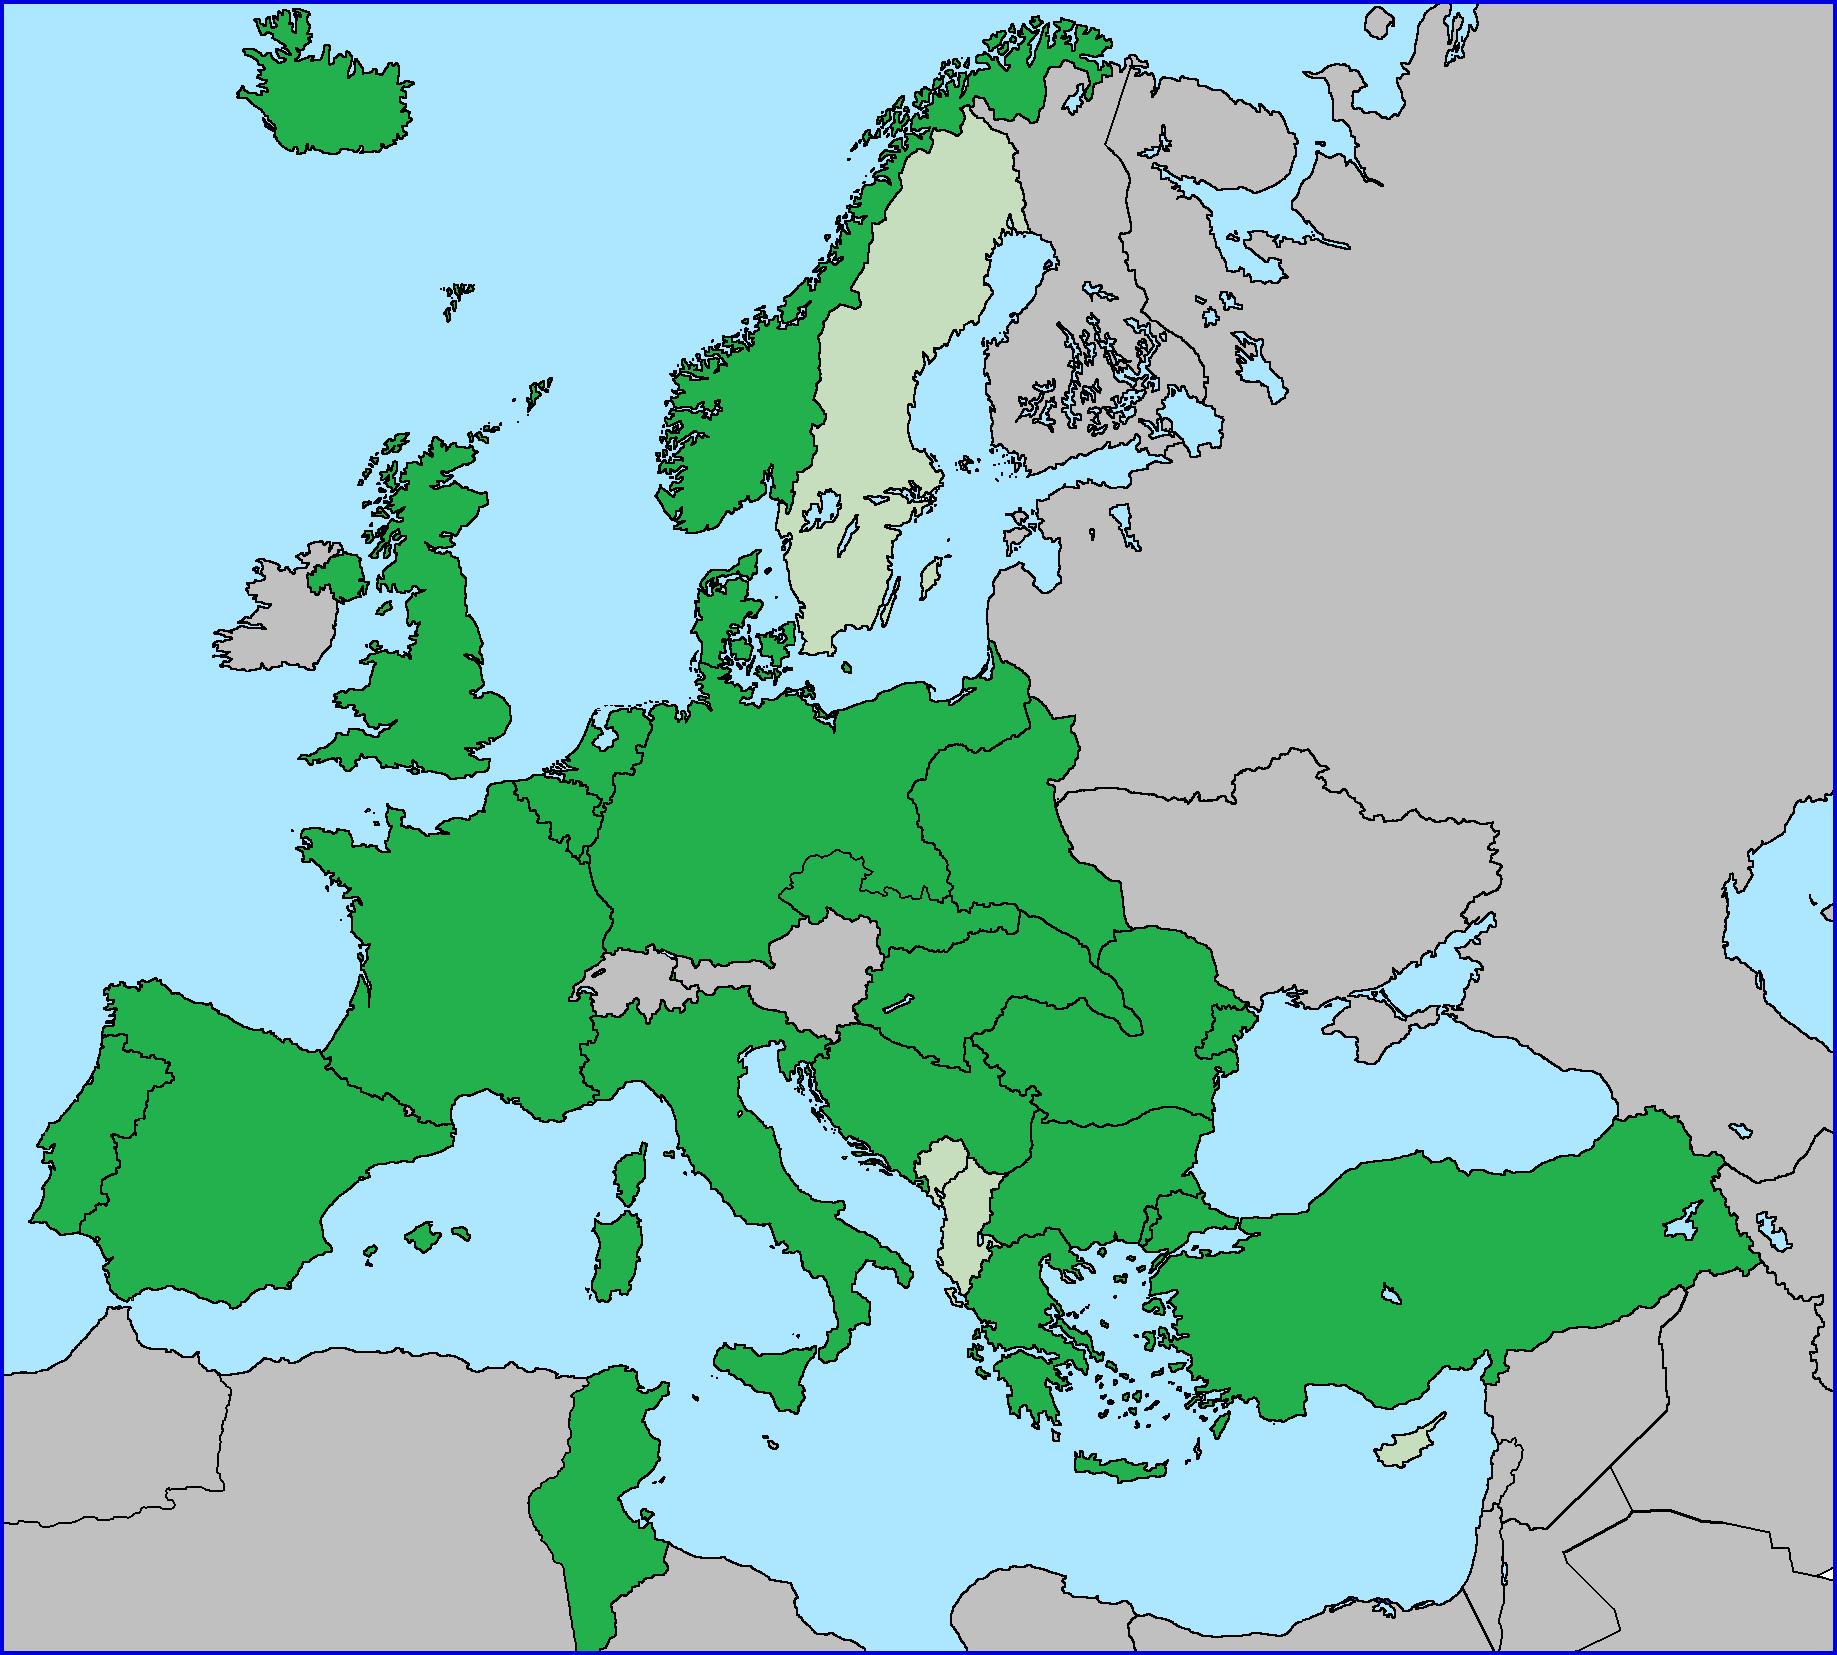 Alianzas militares actuales (Alemania Superpotencia)